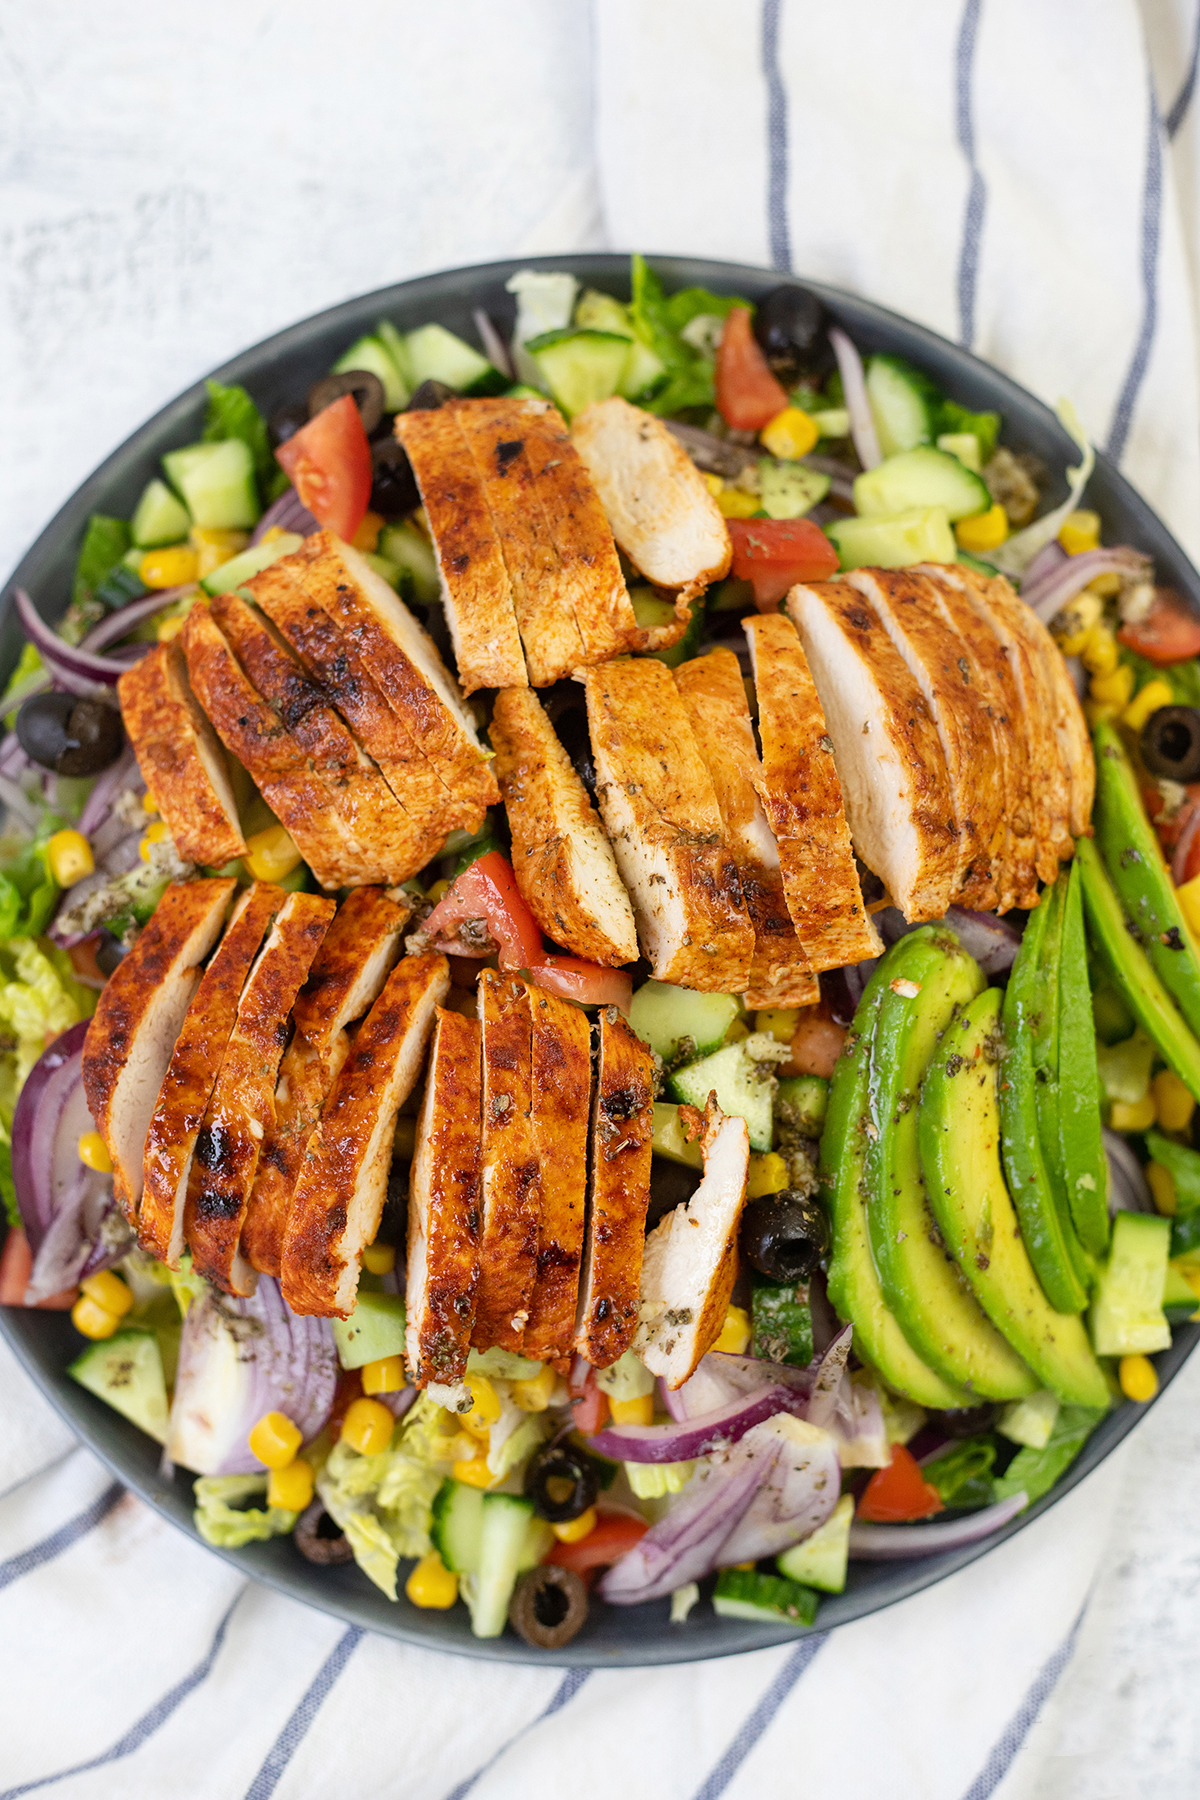 Mediterranean grilled chicken salad is the perfect chicken salad